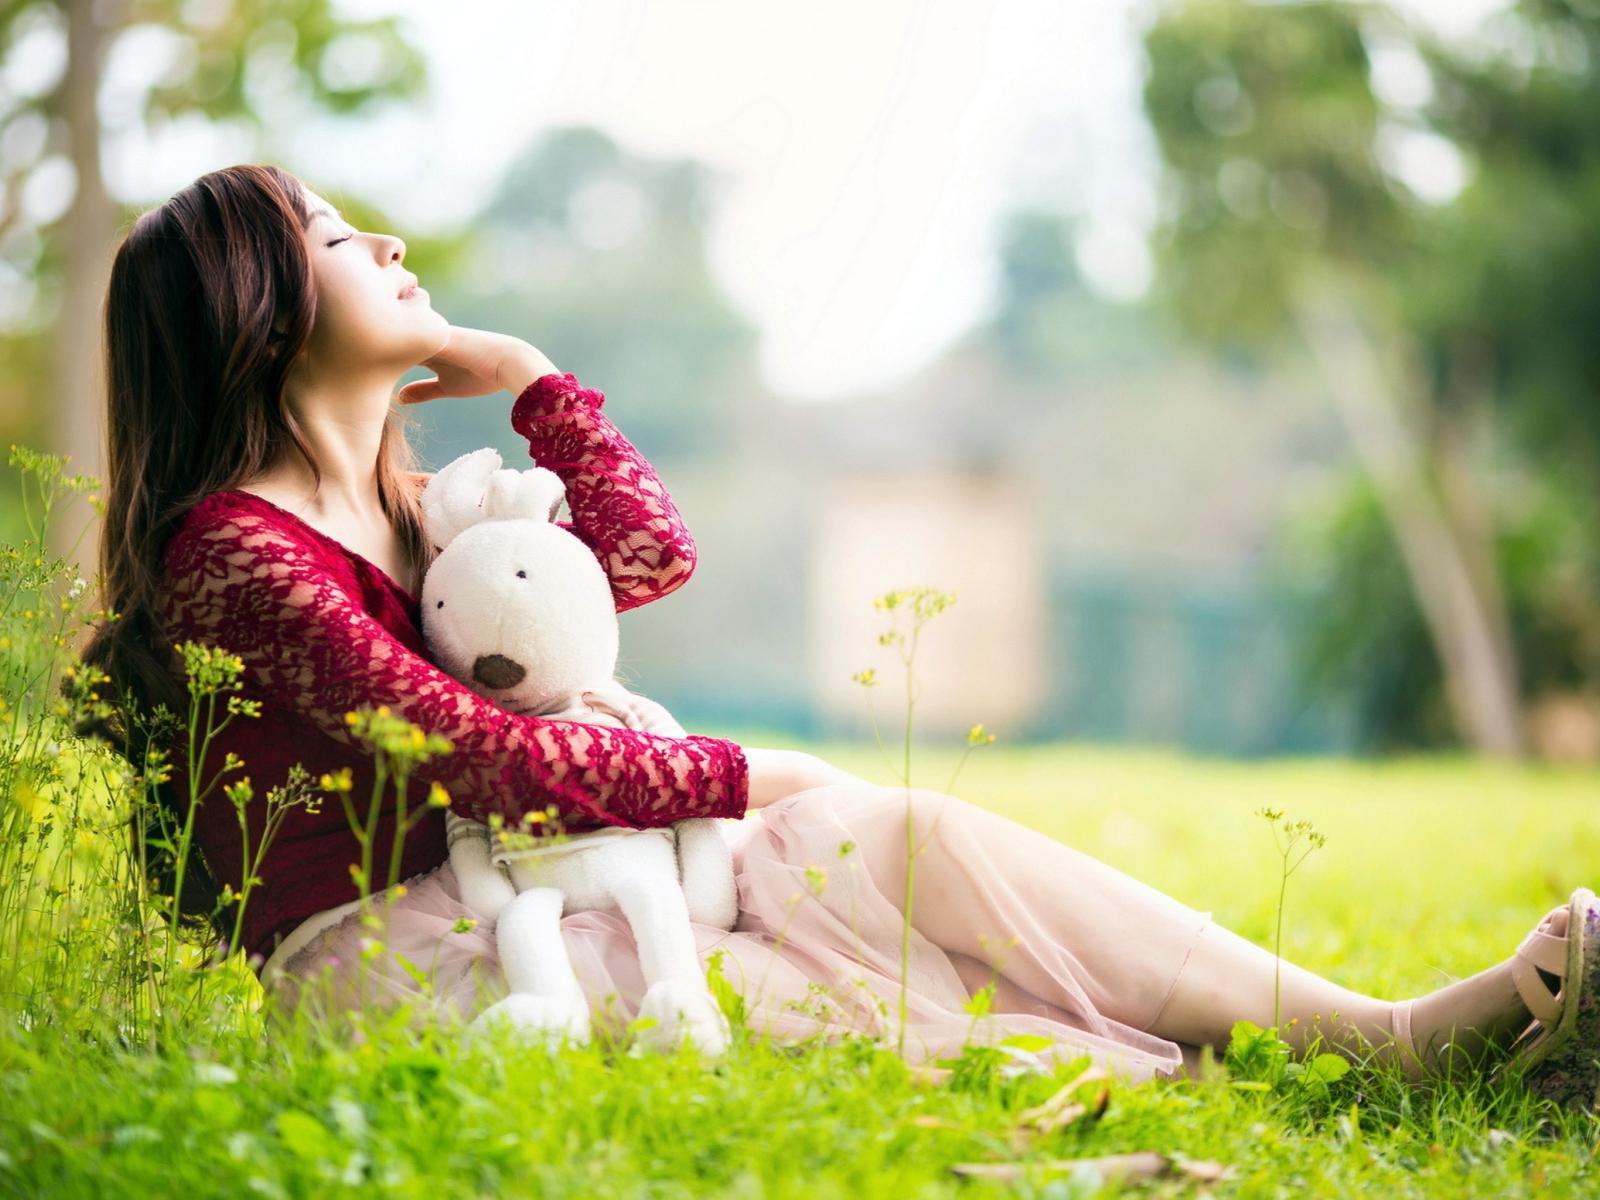 Sau ly hôn: Phụ nữ cần gì hạnh phúc hơn ai, chỉ cần sống tốt hơn thời có chồng - Ảnh 2